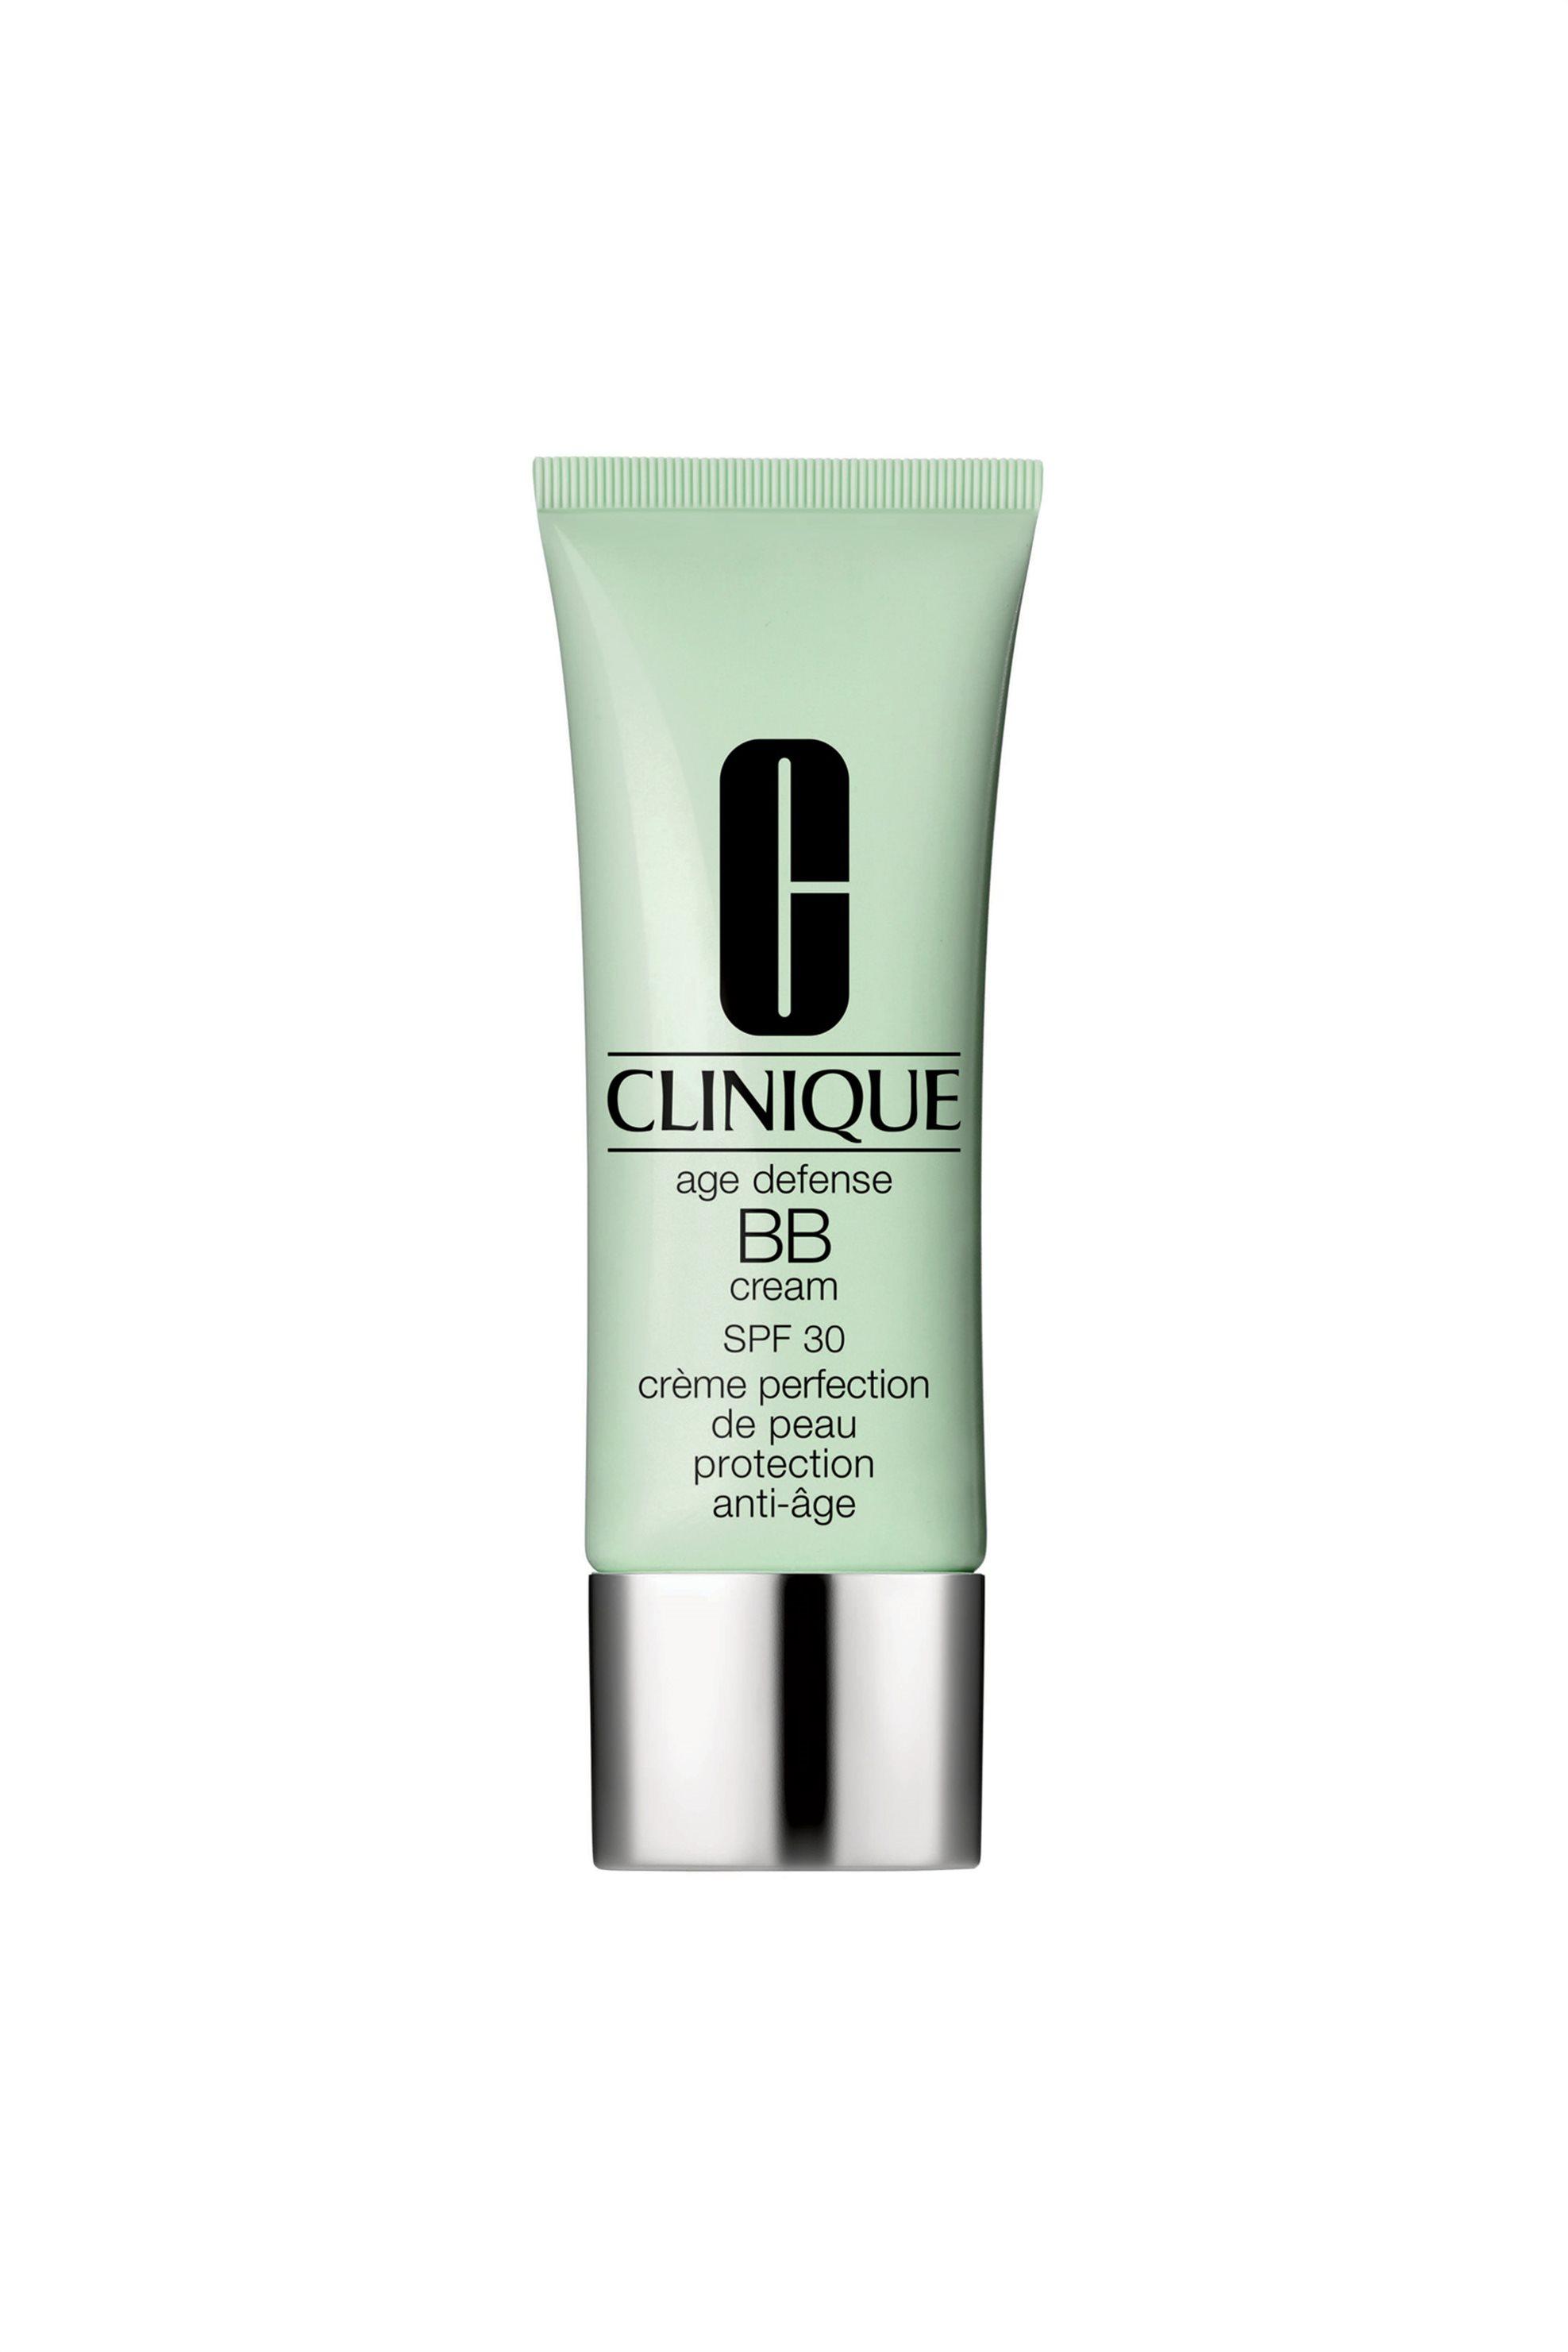 Clinique Age Defense BB Cream SPF 30 Shade 2 Moderately Fair 40 ml - 7KYL020000 ομορφια   καλλυντικα επιλεκτικησ   περιποίηση προσώπου   κρέμες ημέρας   bb crea